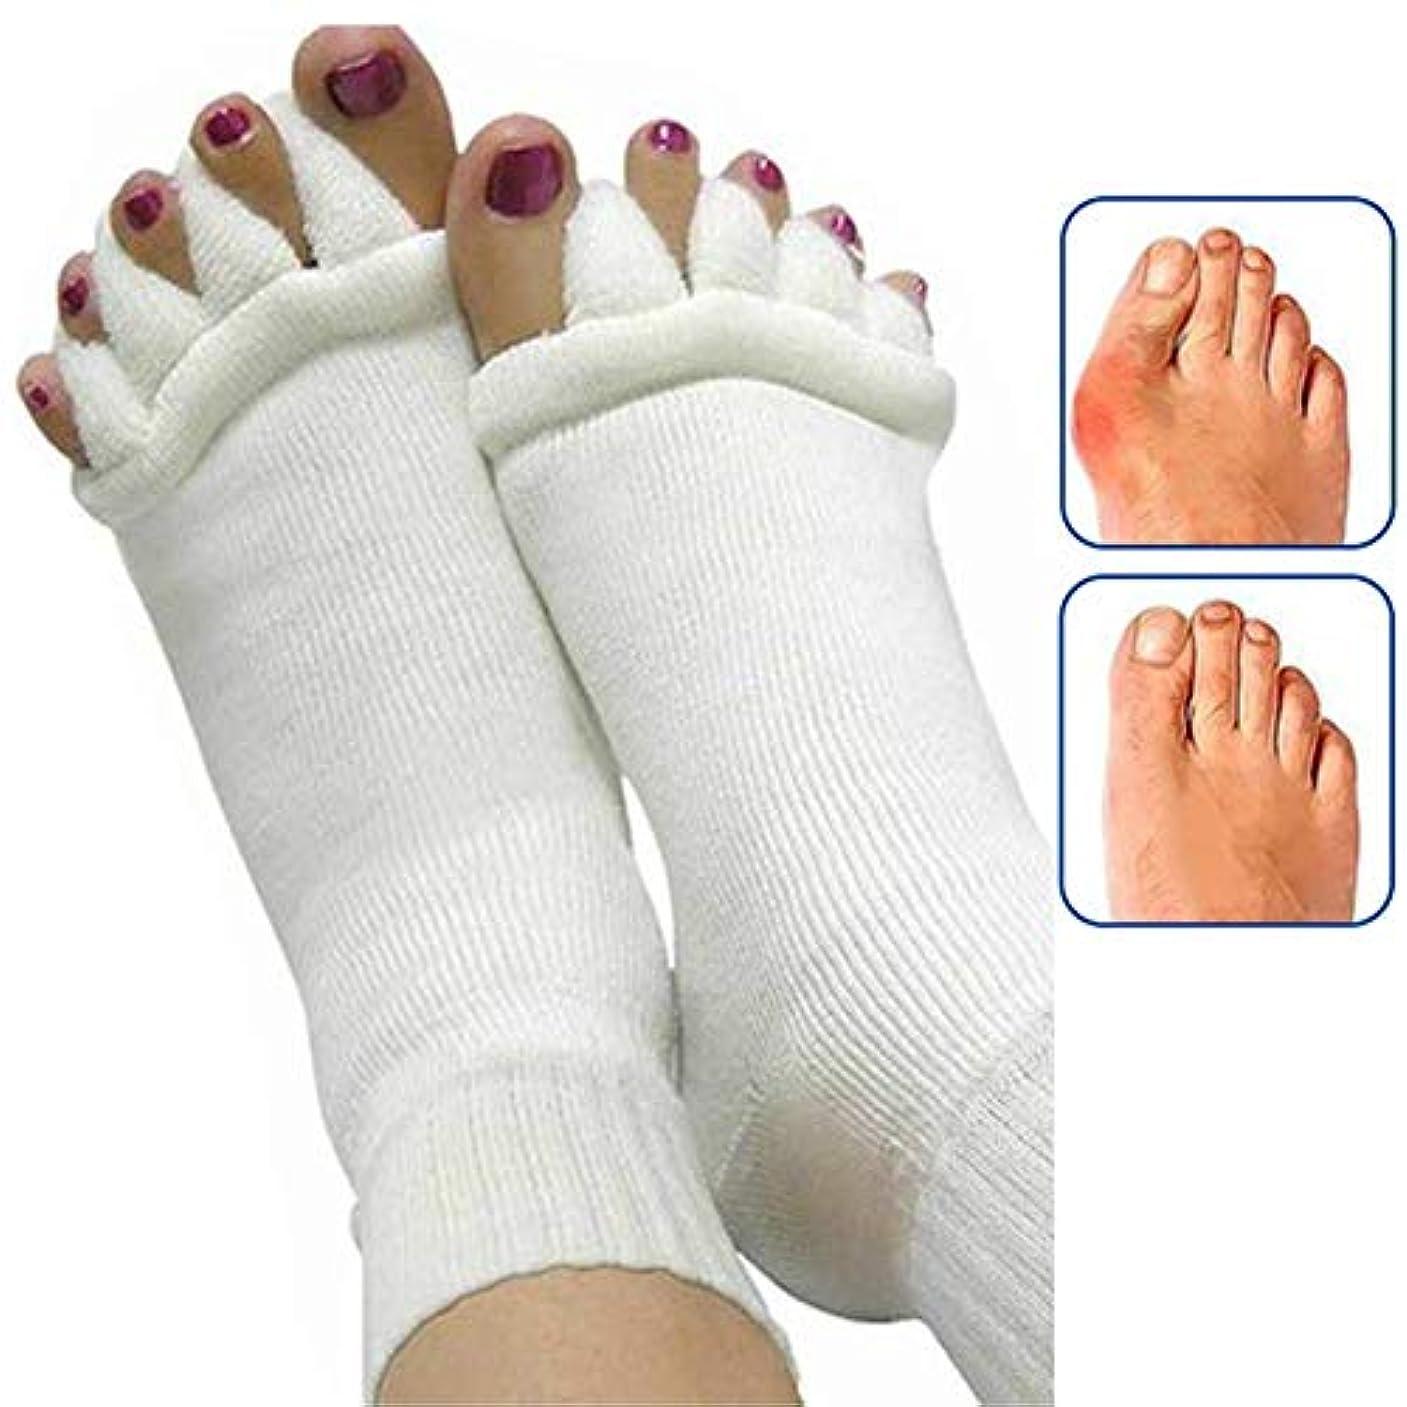 炭素いいねフィット女性のための1Pairフットマッサージャー足ソックス指セパレーターマッサージ健康フットケアコンプレッションソックス足足の痛みを軽減